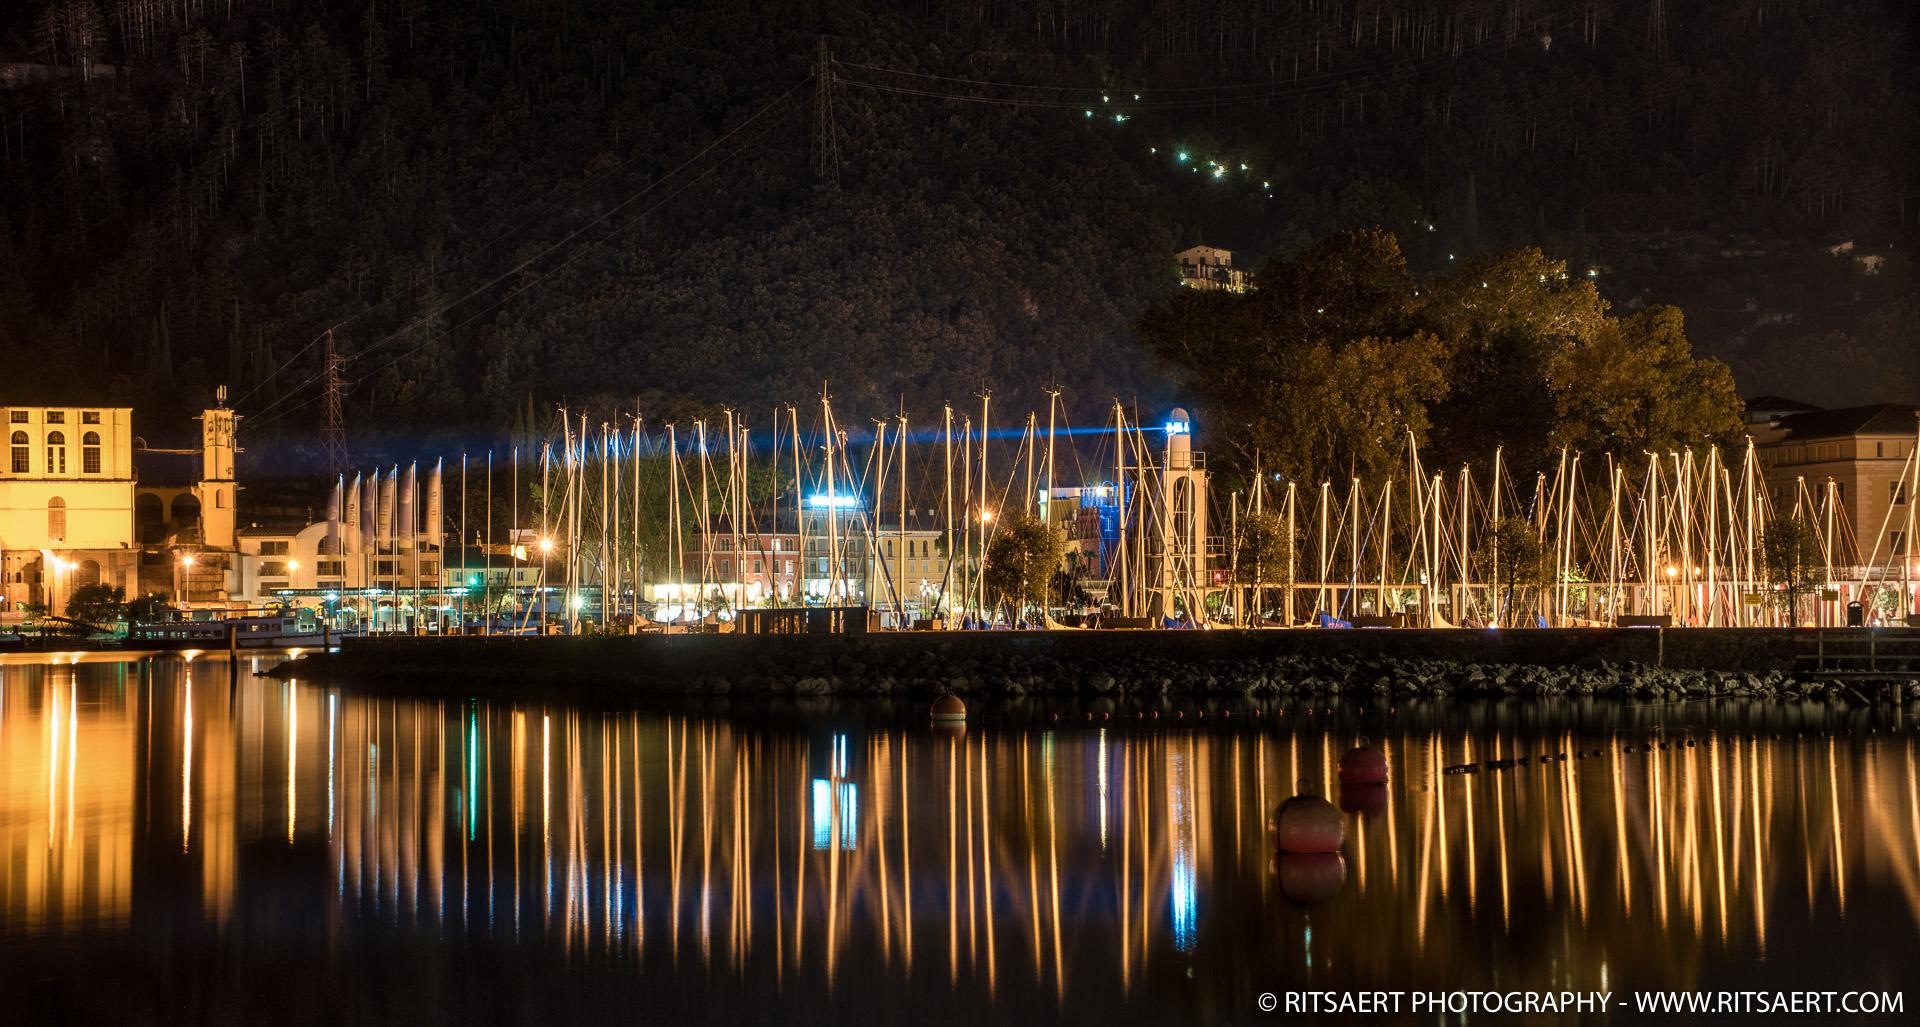 Harbor at night in Riva del Garda - Italy